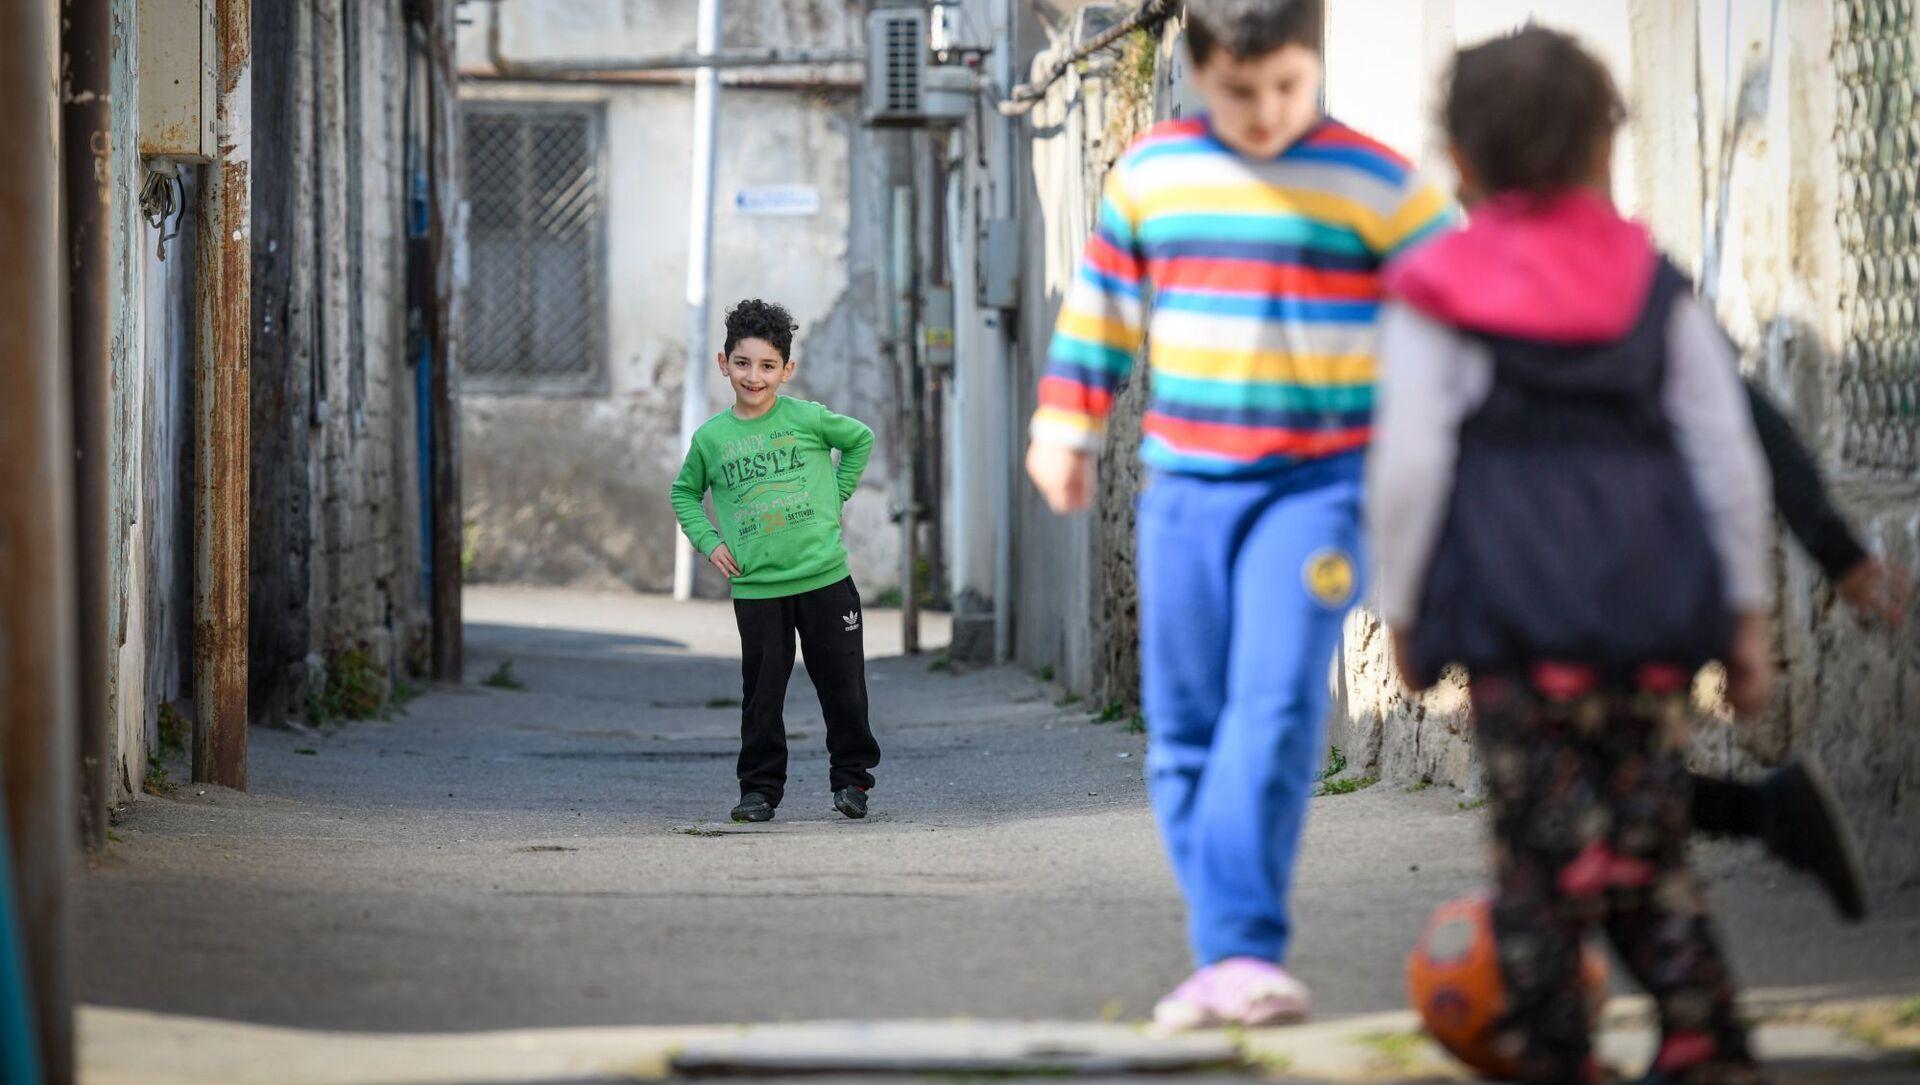 Дети играющие в футбол на одной из улиц в Баку - Sputnik Azərbaycan, 1920, 14.06.2021